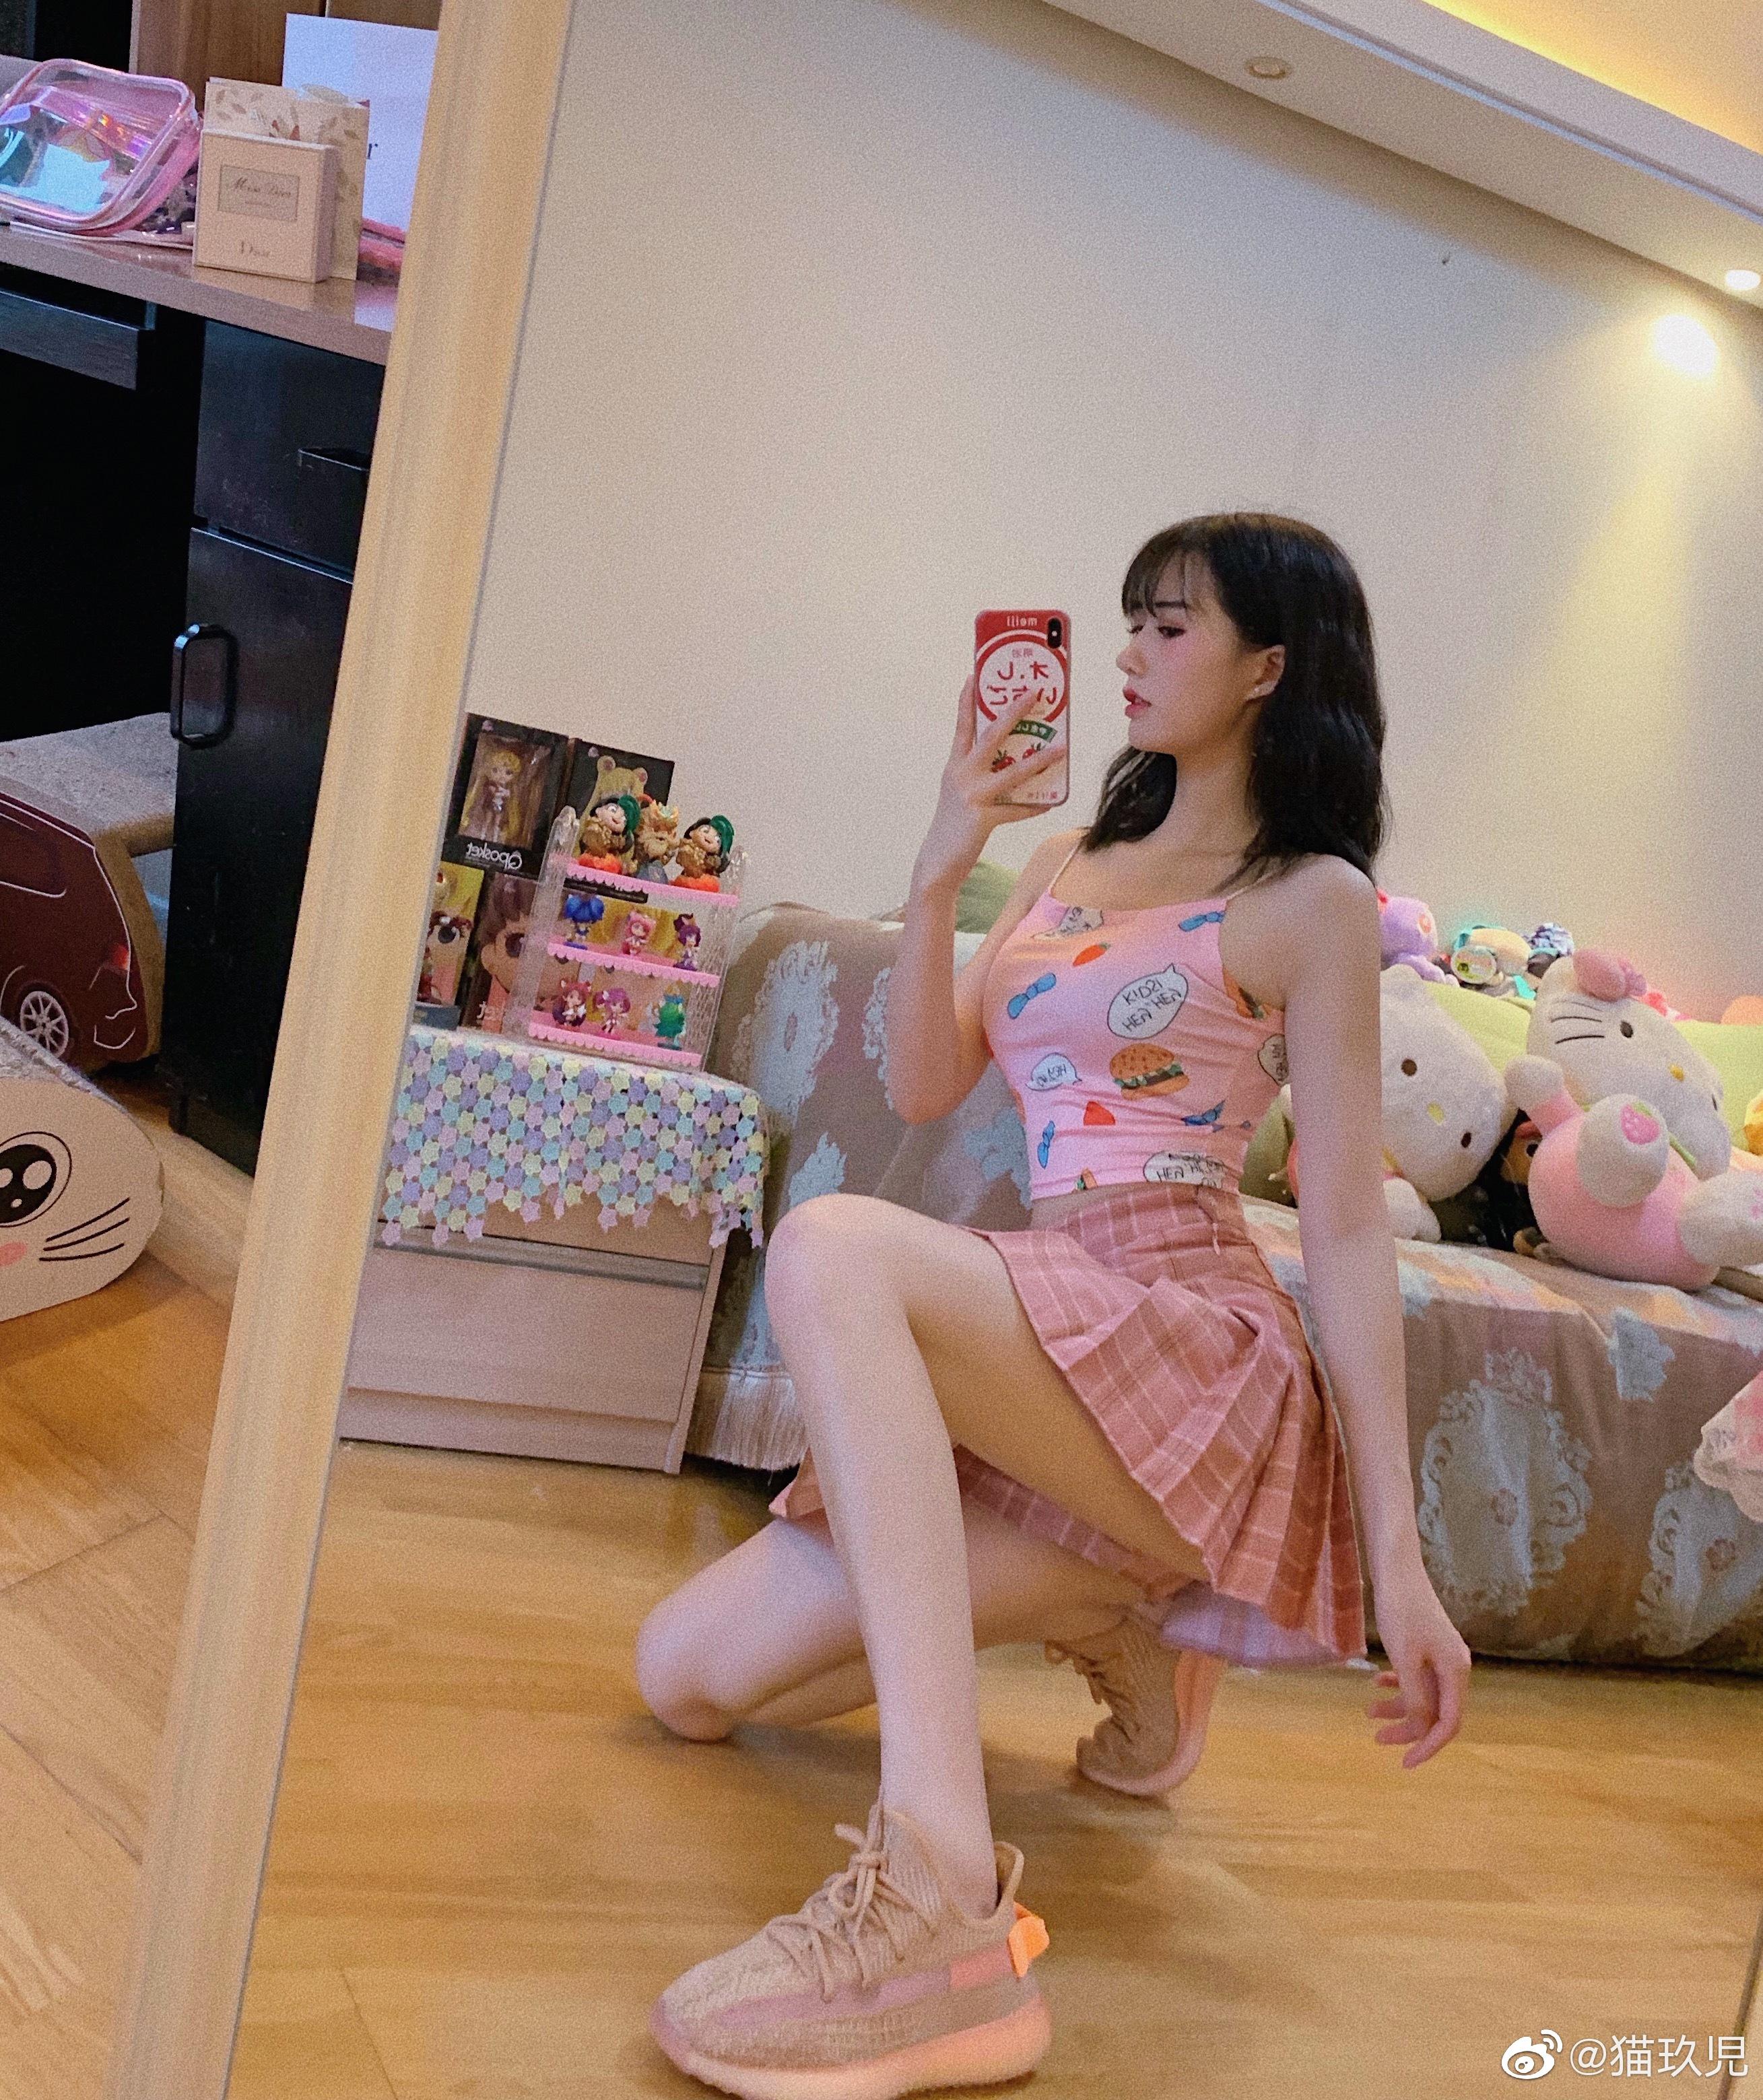 大长腿的粉色系软妹